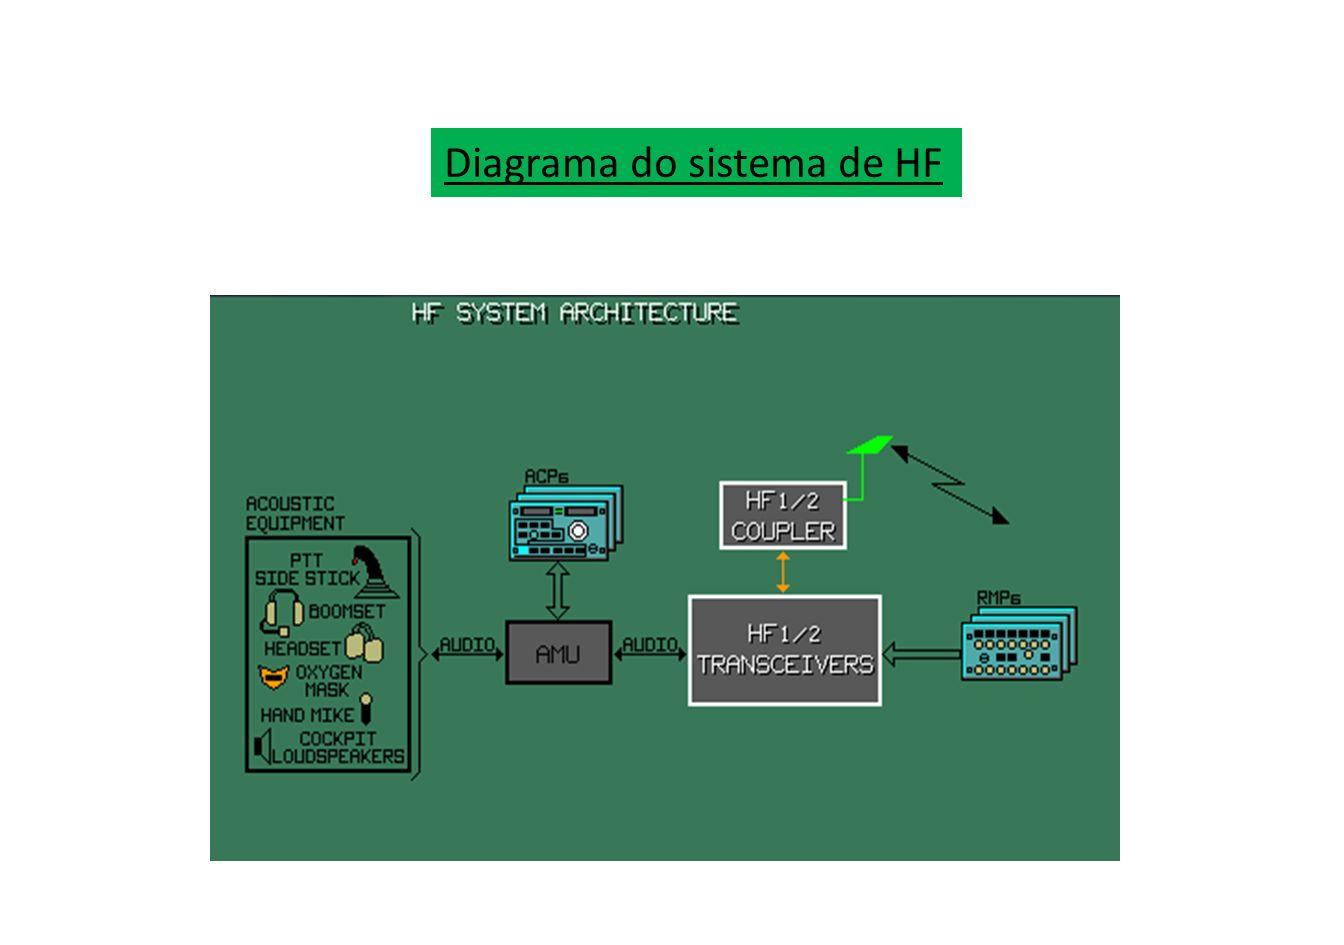 Diagrama do sistema de HF